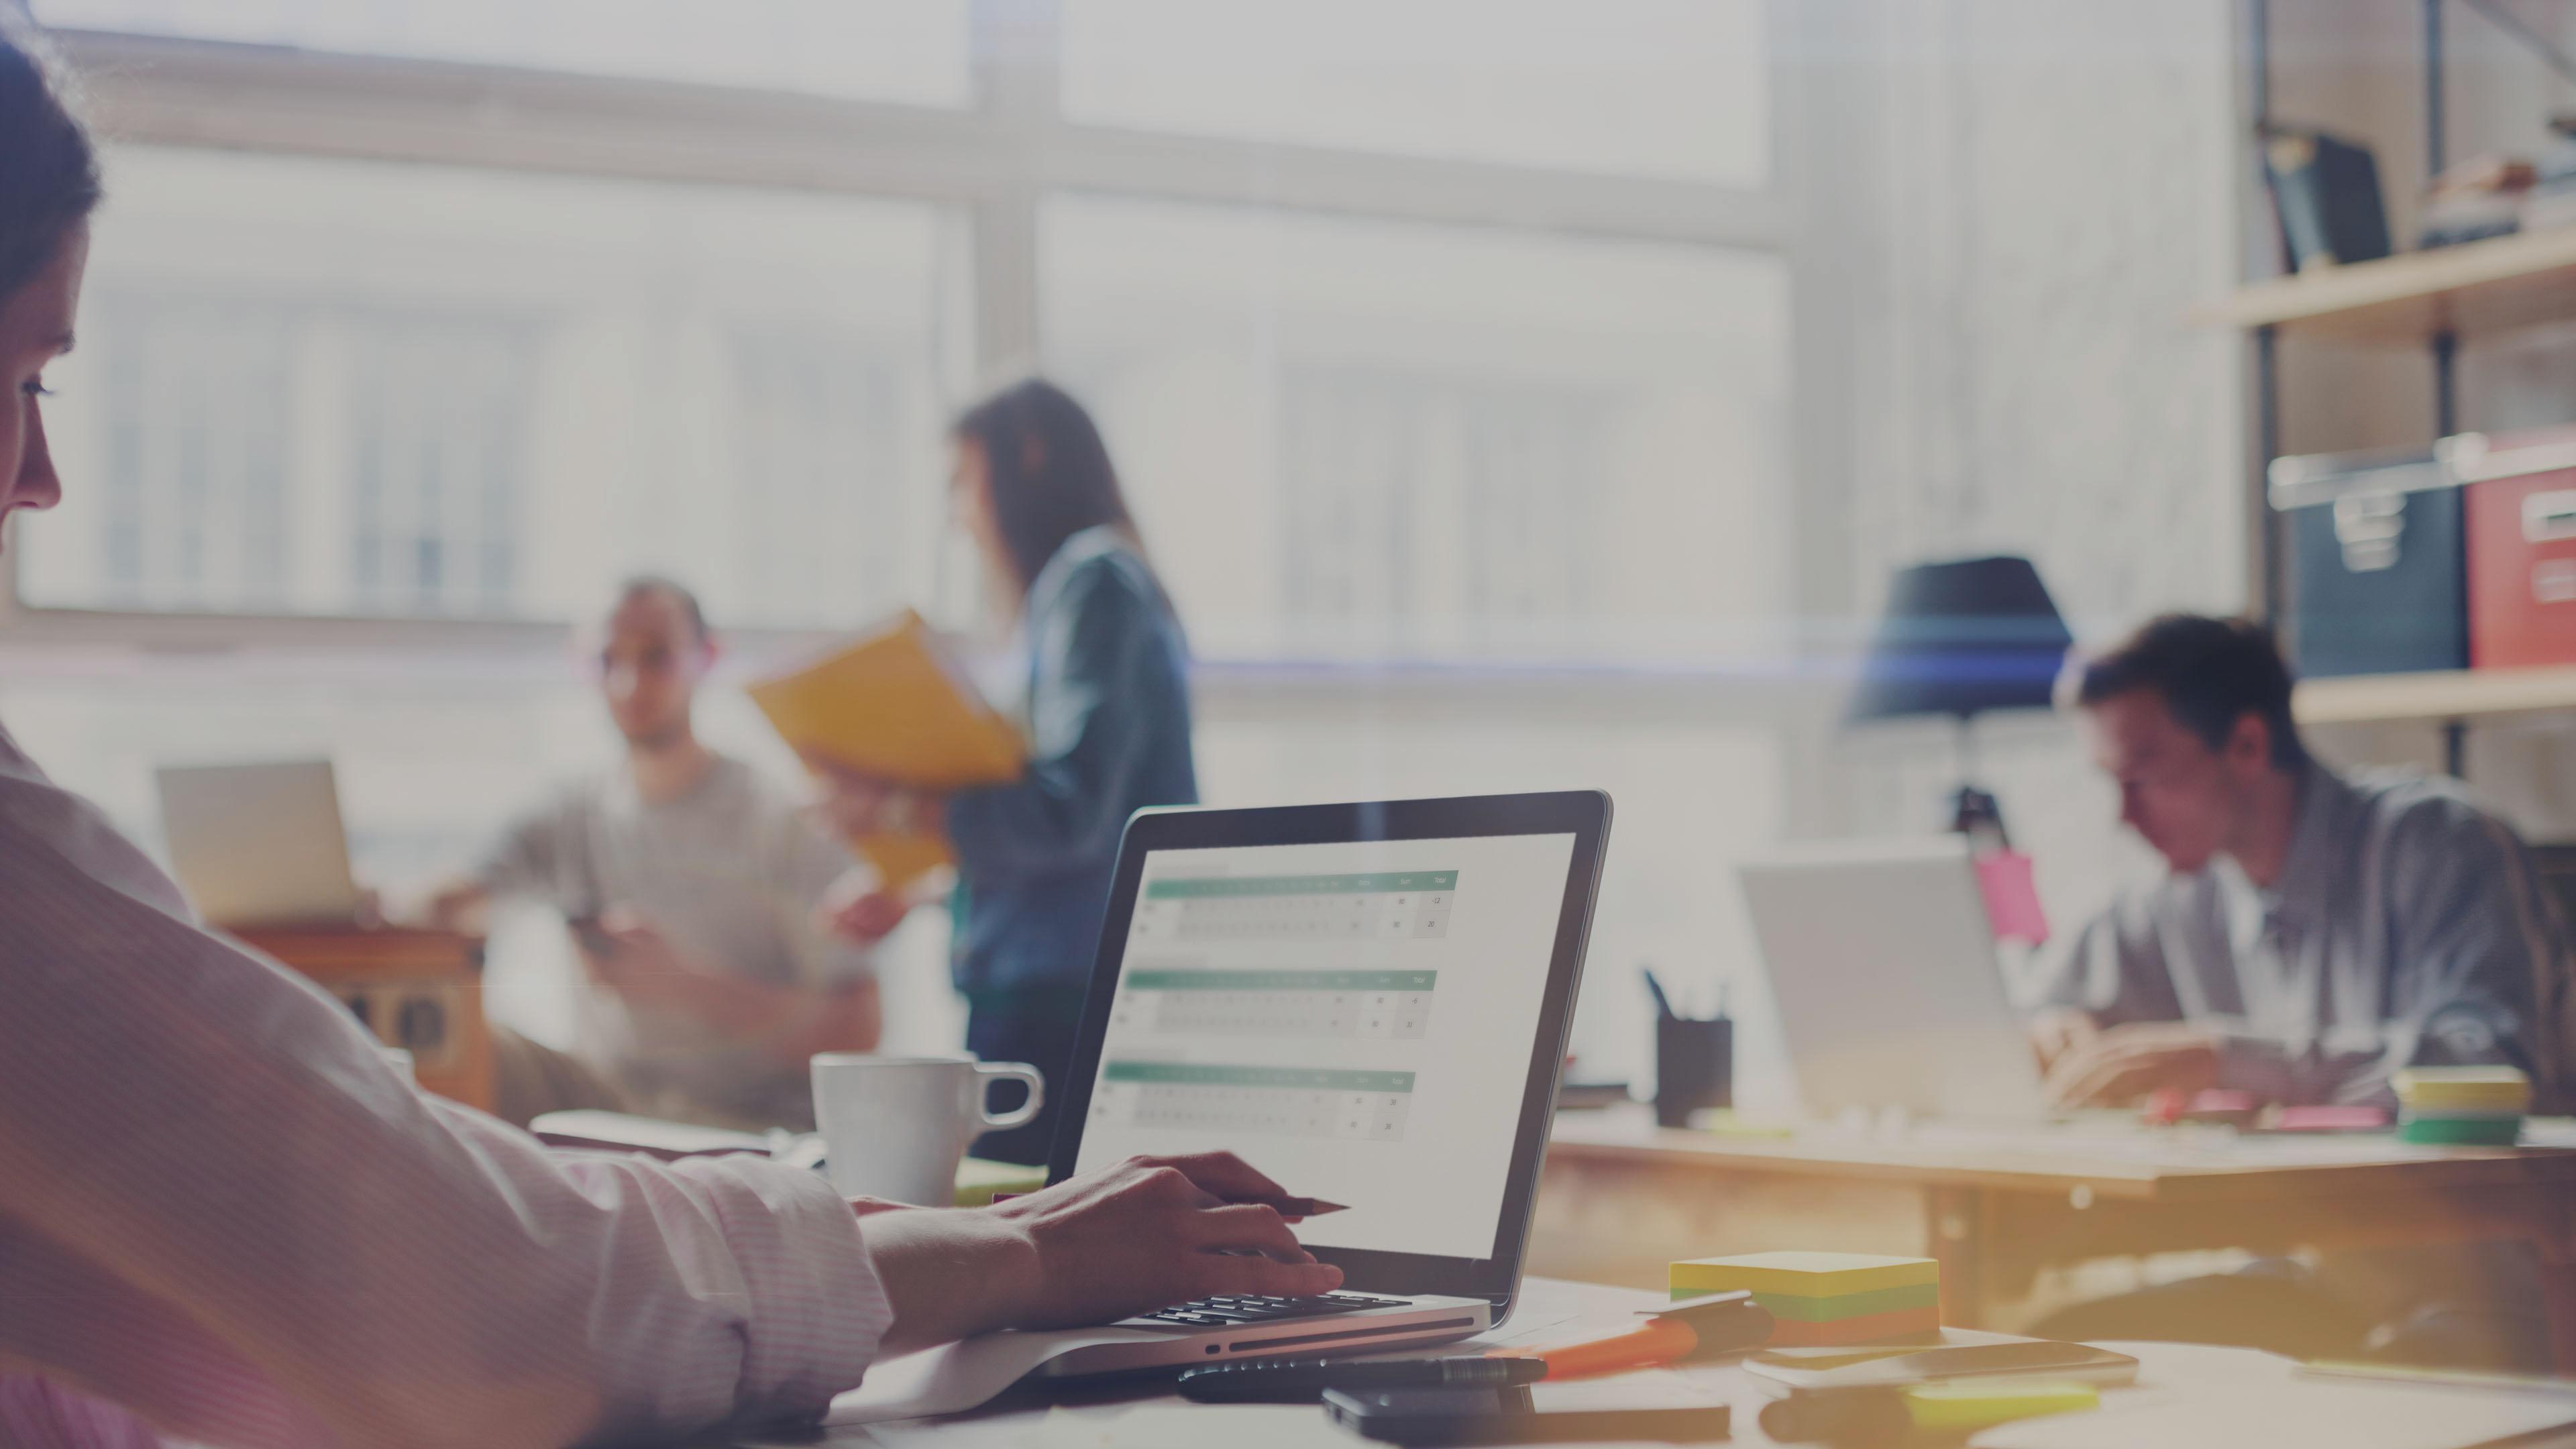 inbound-marketing-agency-london-homepage-slider